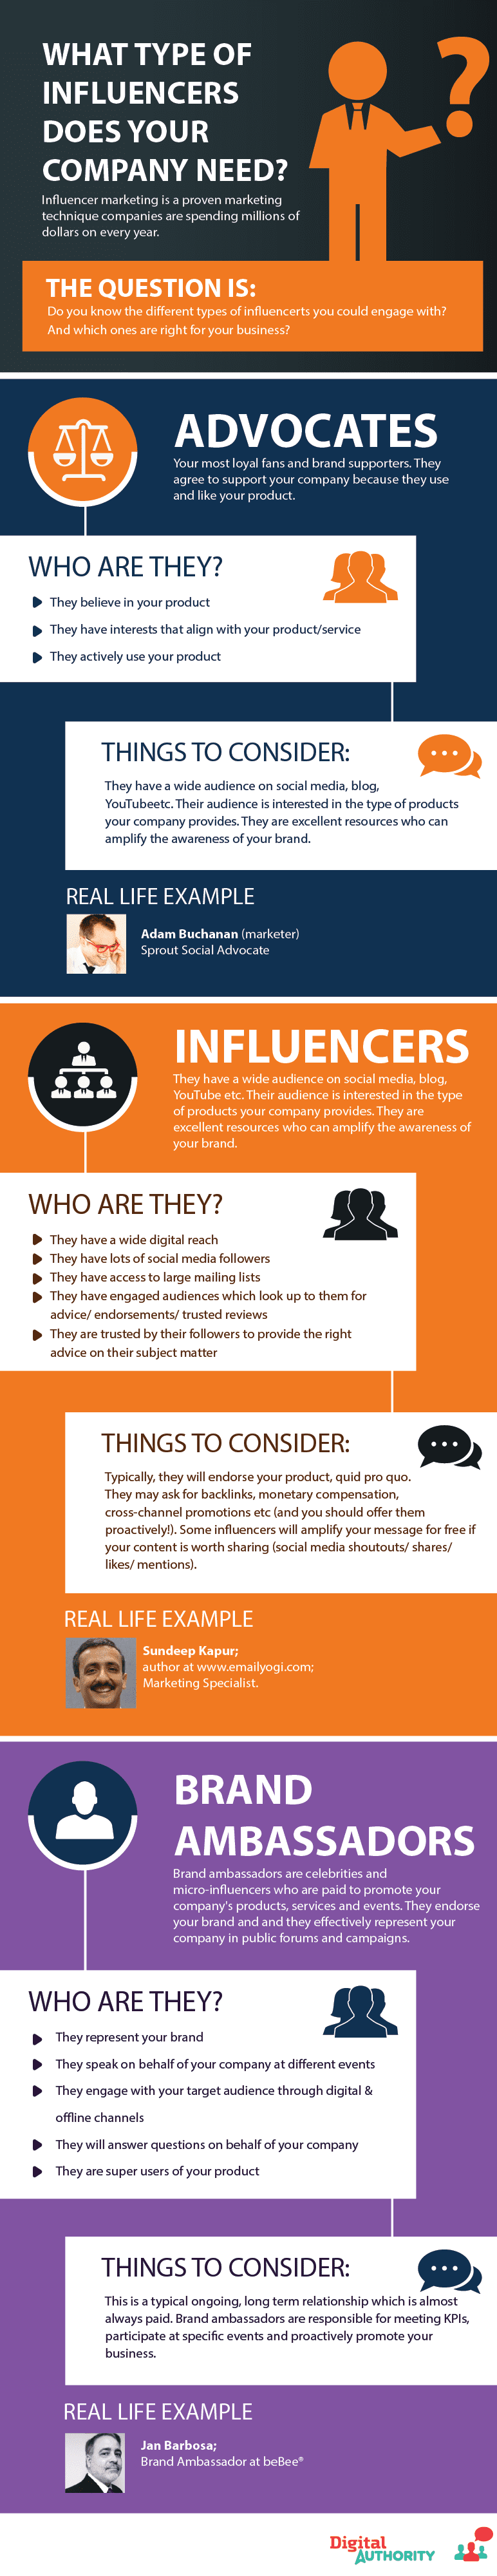 influencer outreach infographic